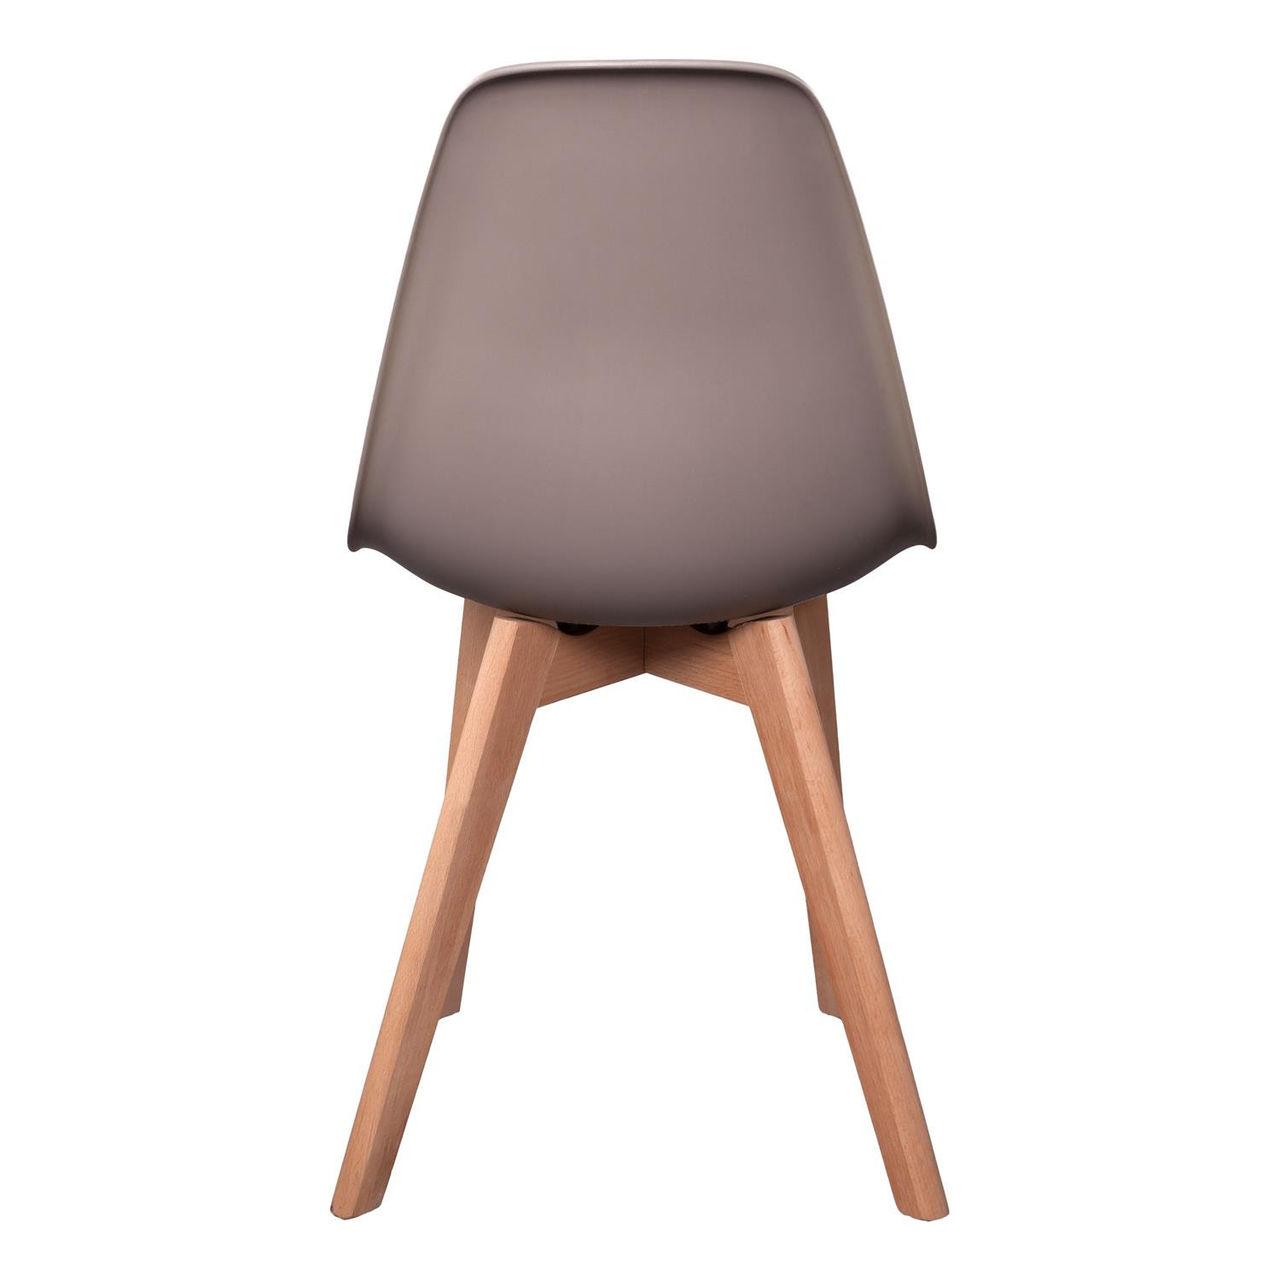 boutique la maison mobilier fauteuils chaises et poufs chaise scandinave. Black Bedroom Furniture Sets. Home Design Ideas